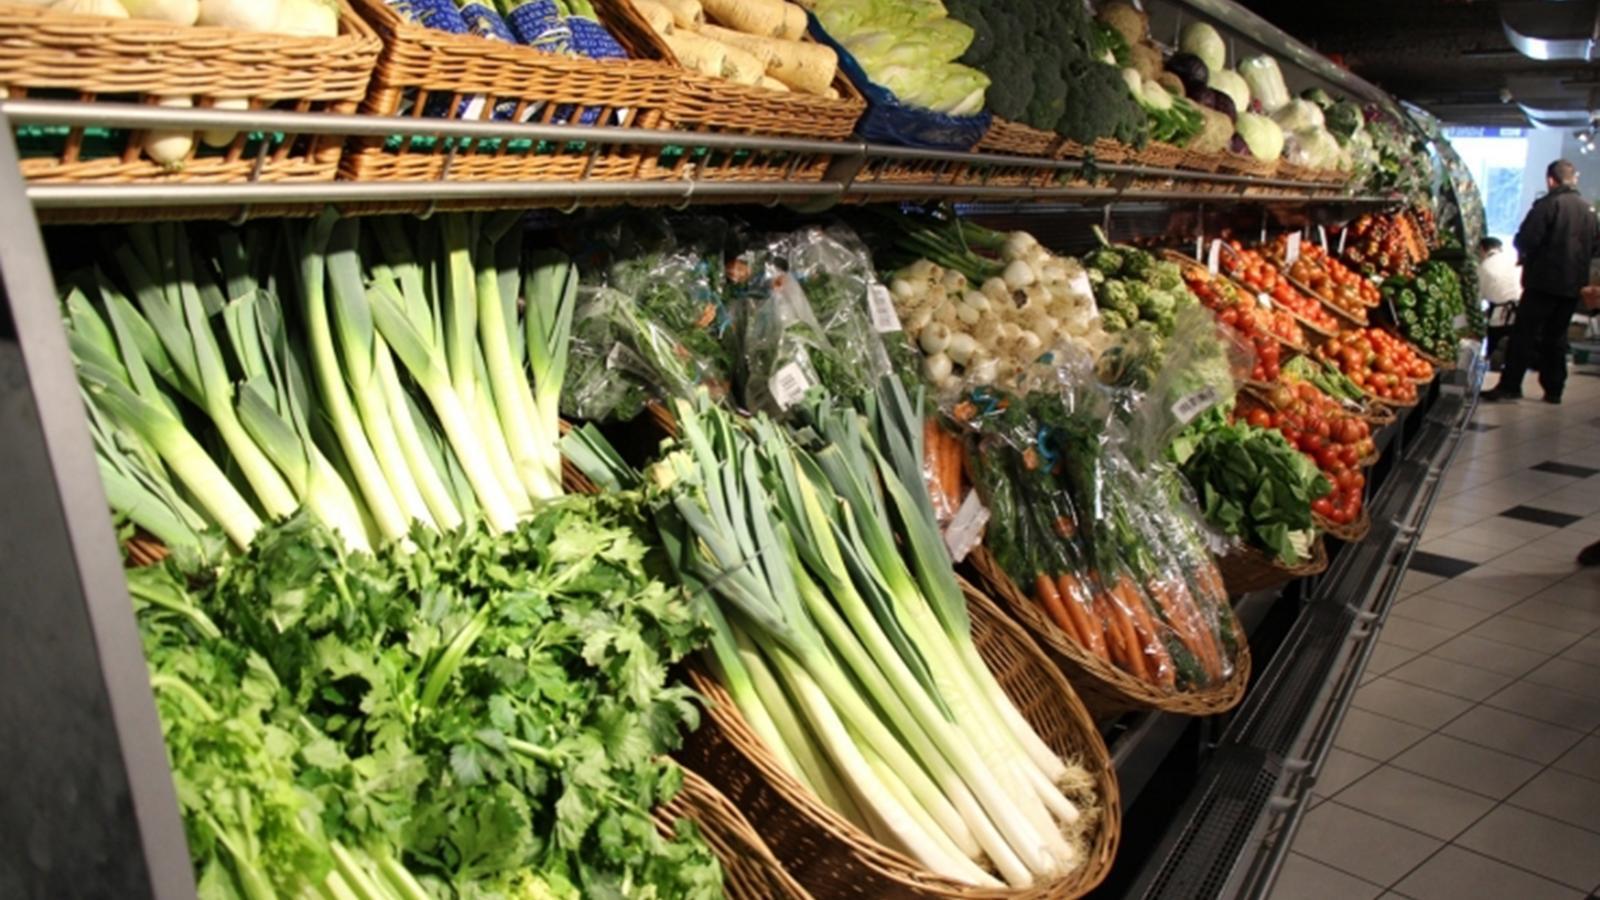 Productes d'alimentació en un supermercat. / ARXIU ANA